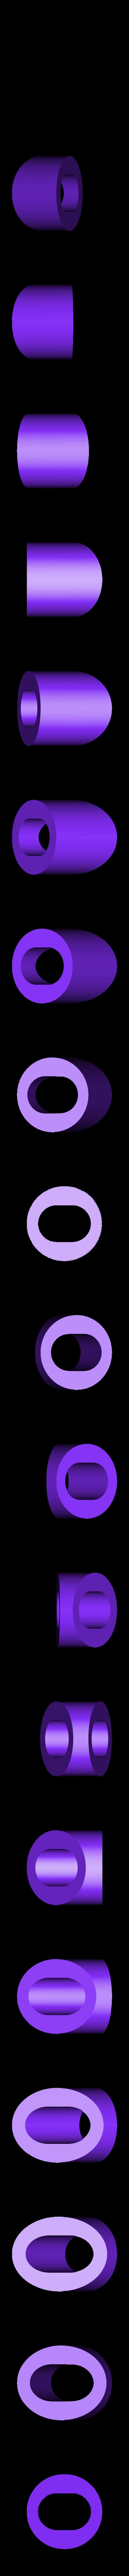 Pipe_Fix_B.STL Télécharger fichier STL gratuit Gobelet rotatif • Plan à imprimer en 3D, perinski